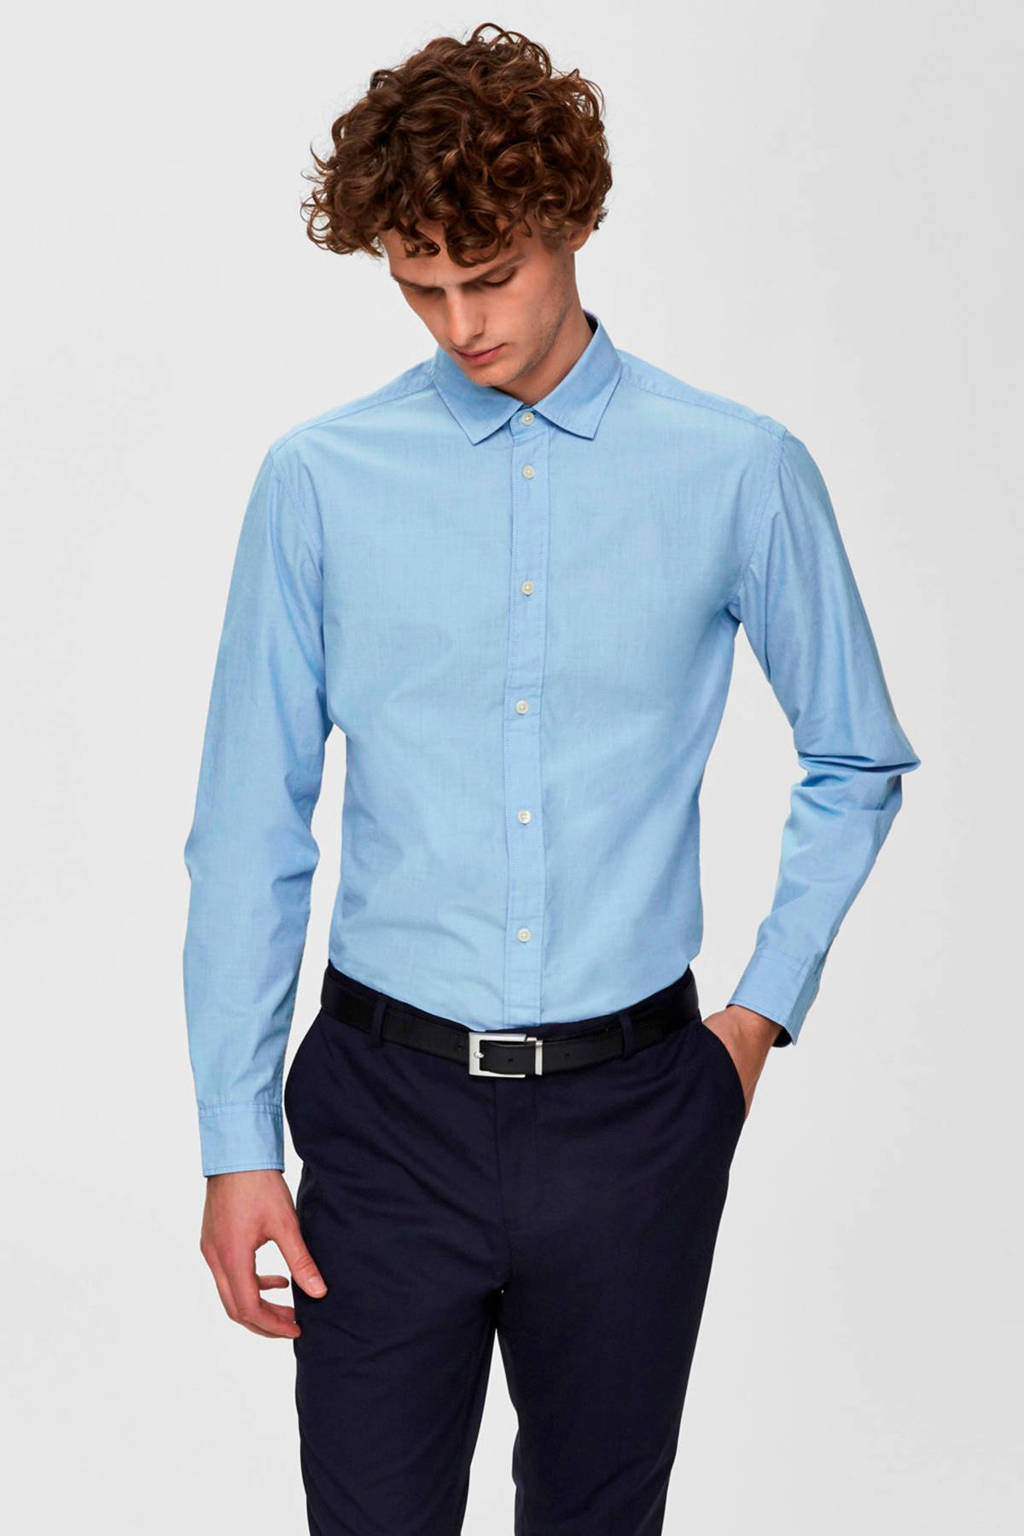 SELECTED HOMME slim fit overhemd lichtblauw, Lichtblauw